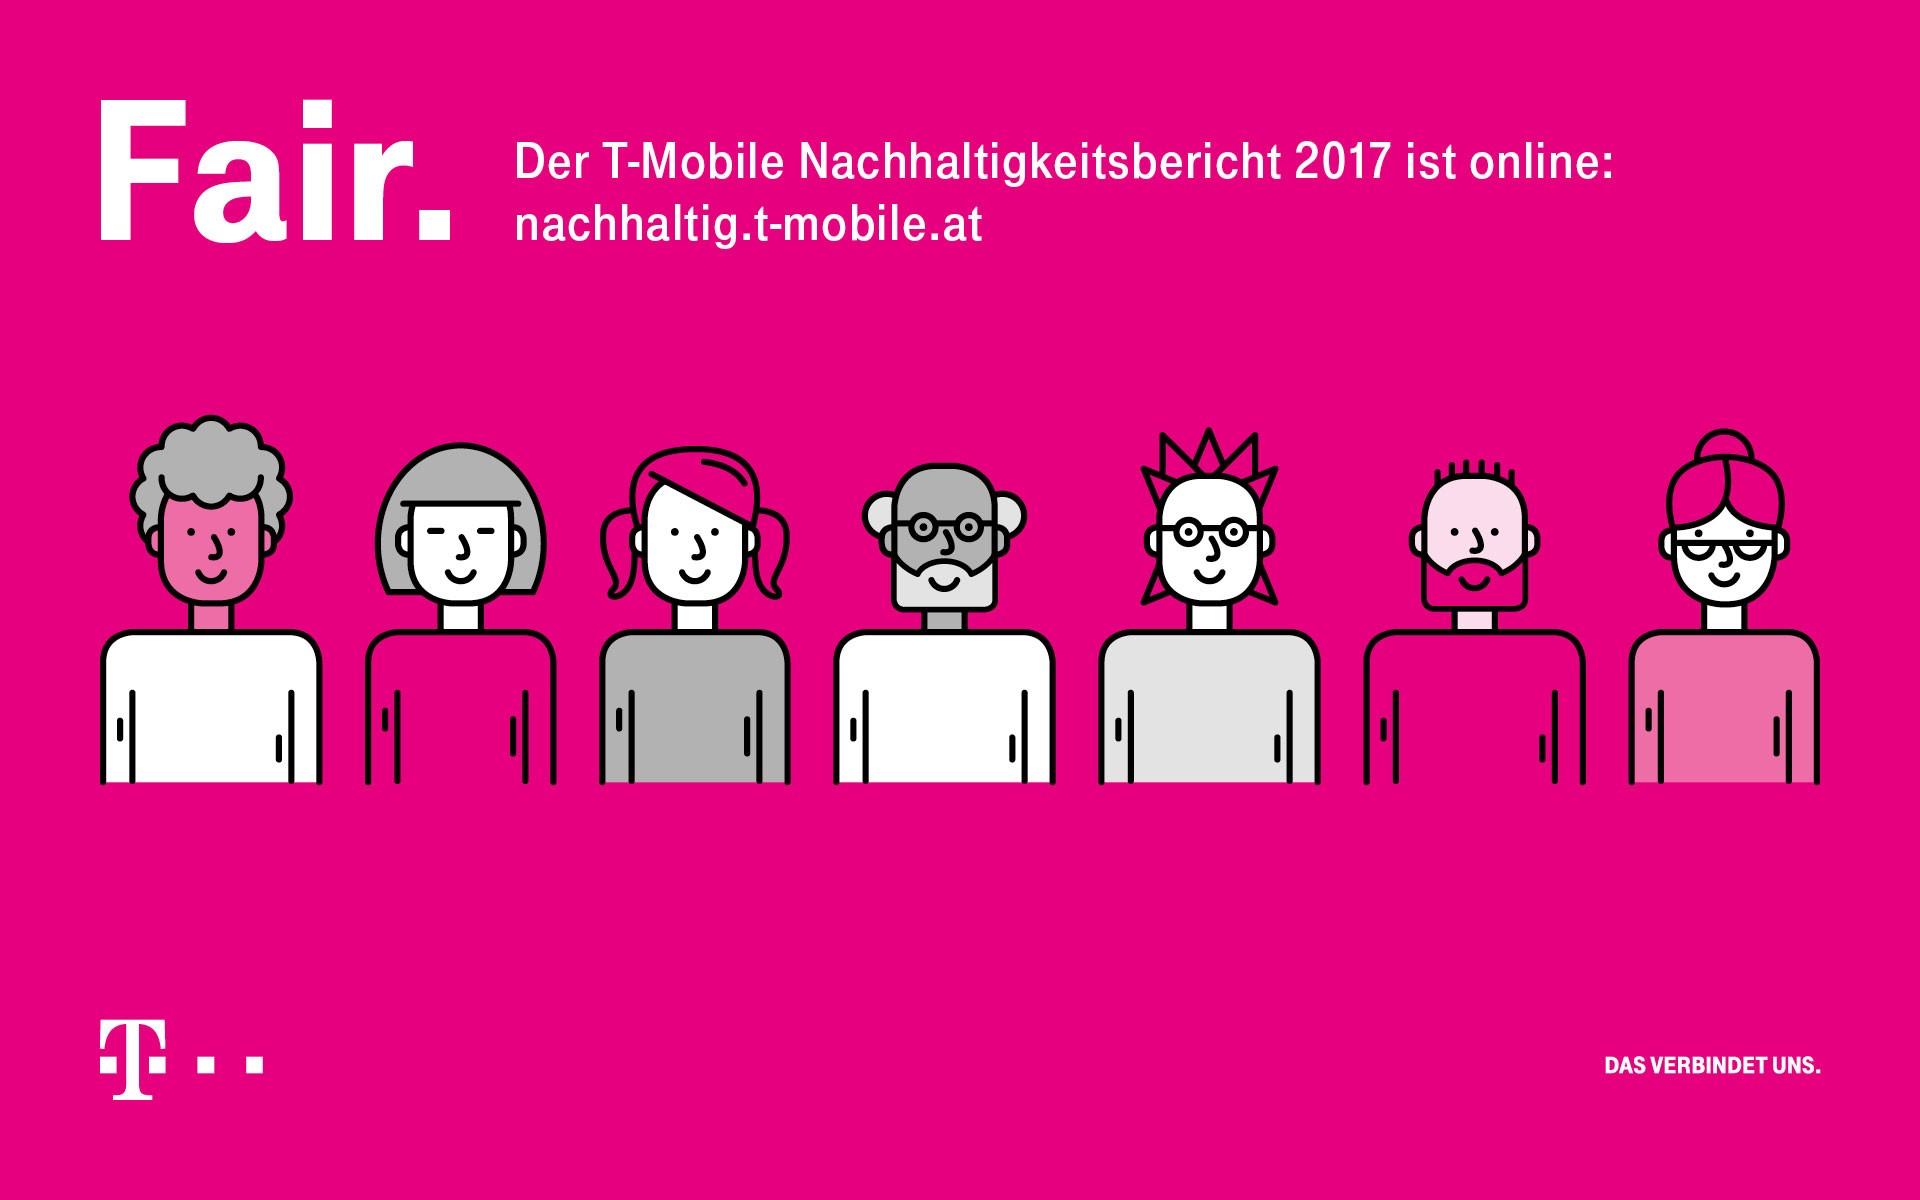 Energieeffizienz, CO2-Neutralität, hohe Investitionen in Österreich: T-Mobile Austria legt Nachhaltigkeitsbericht 2017 vor